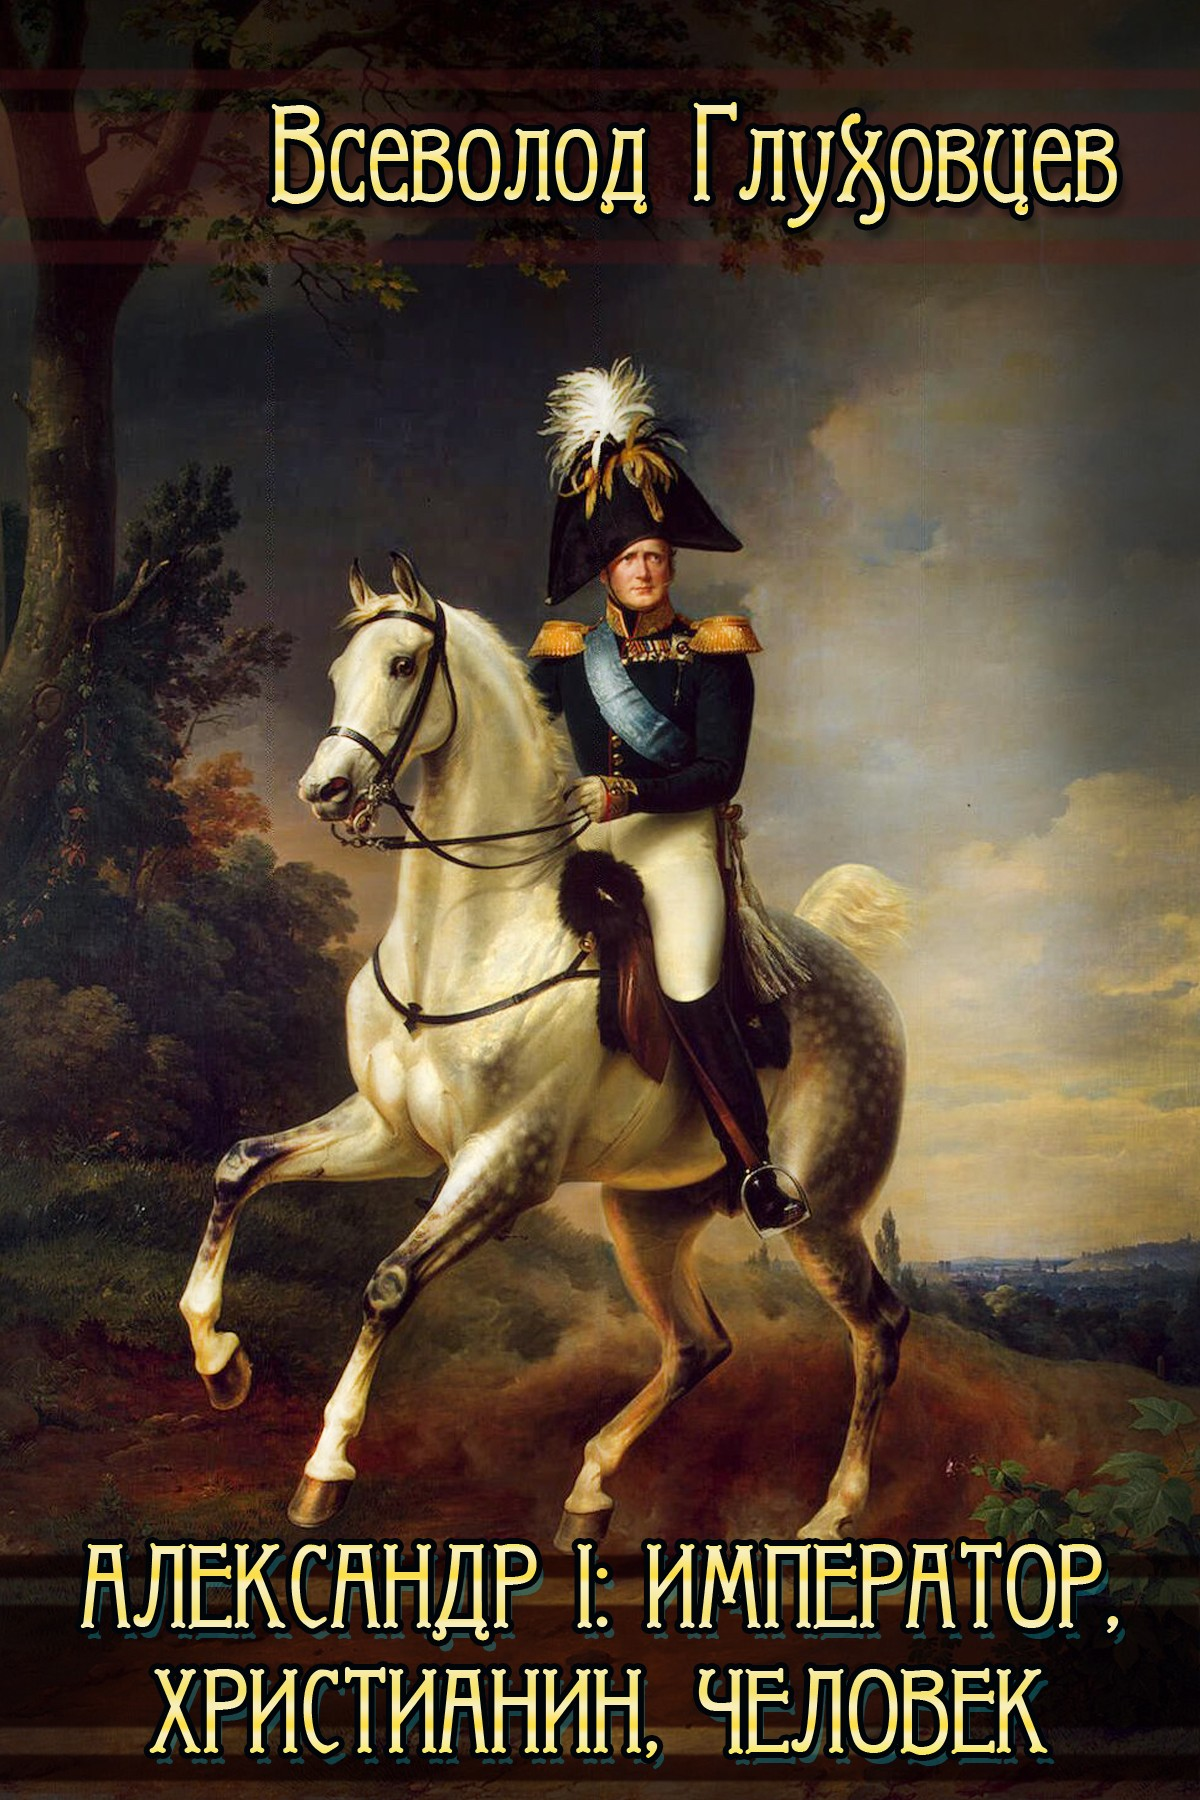 Александр Первый: император, христианин, человек